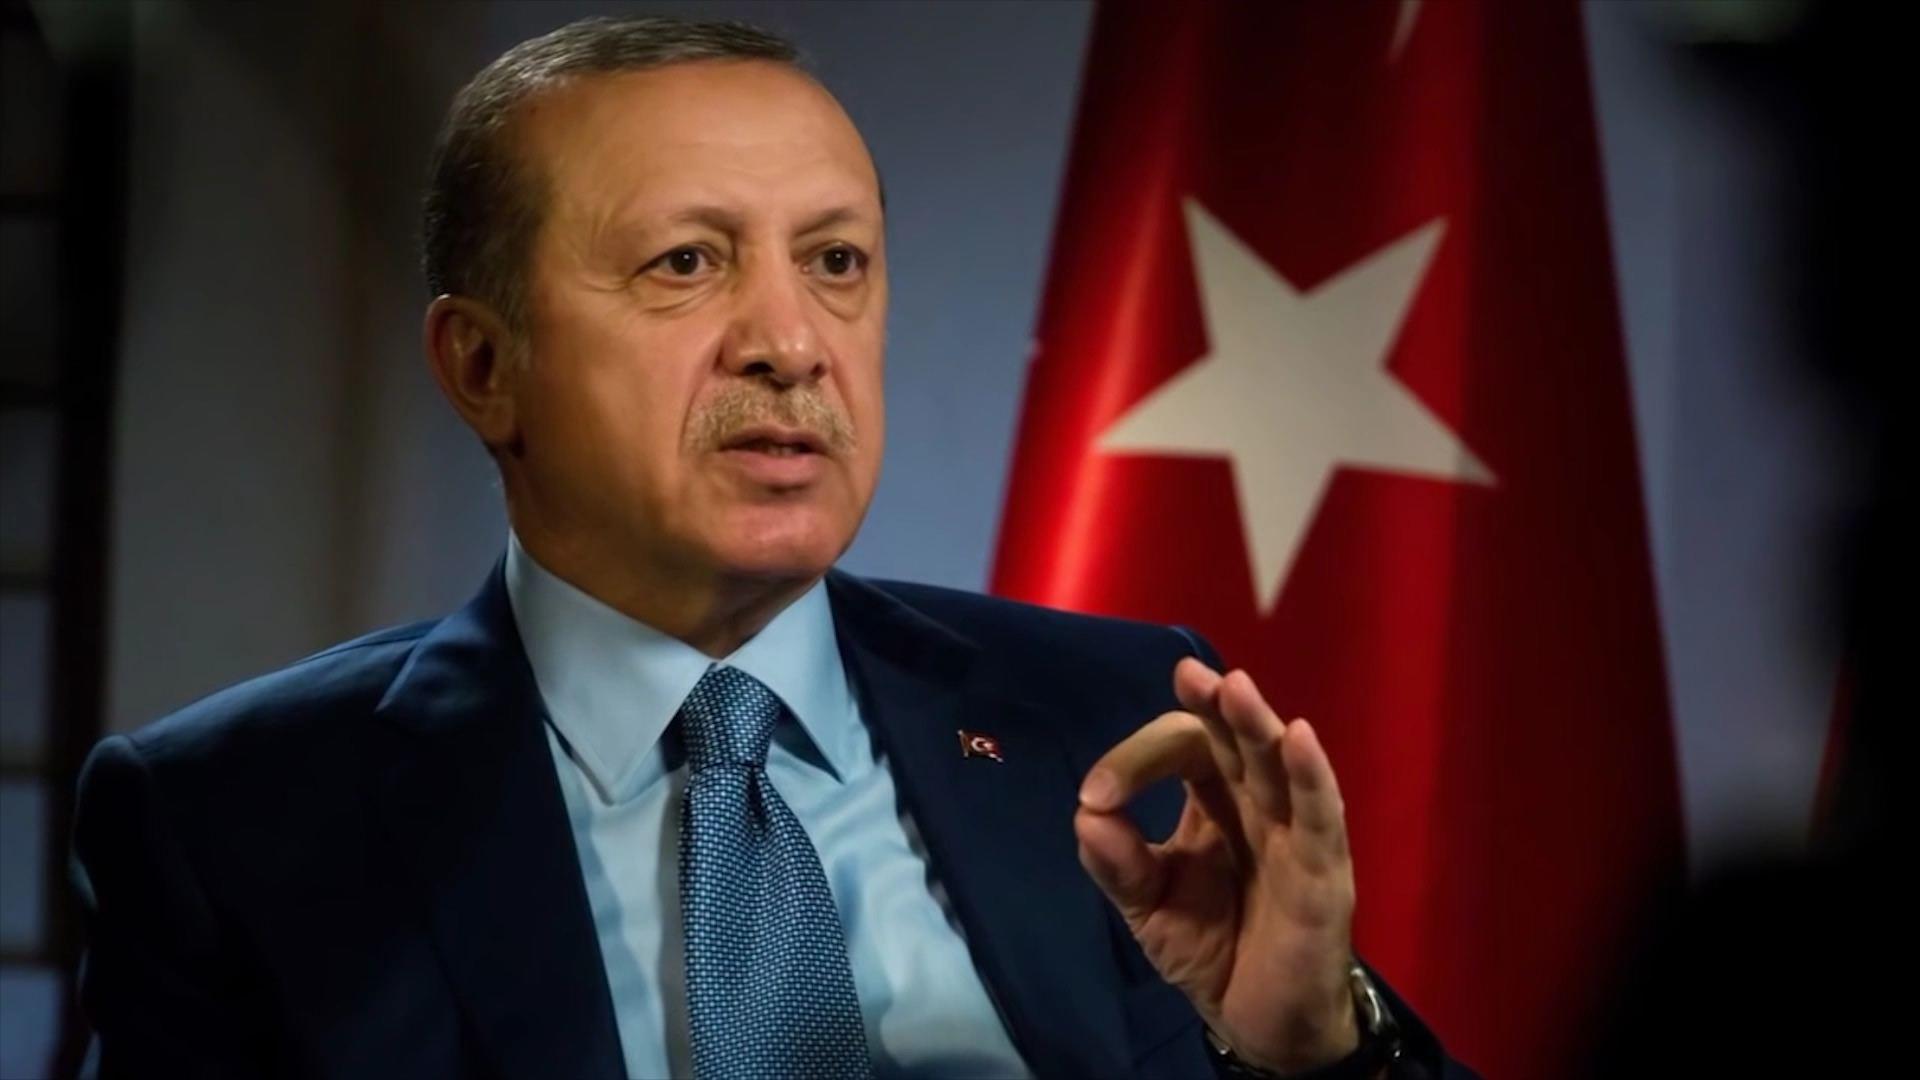 თურქეთში, წინასწარი მონაცემებით, საპრეზიდენტო არჩევნებს მოქმედი პრეზიდენტი იგებს